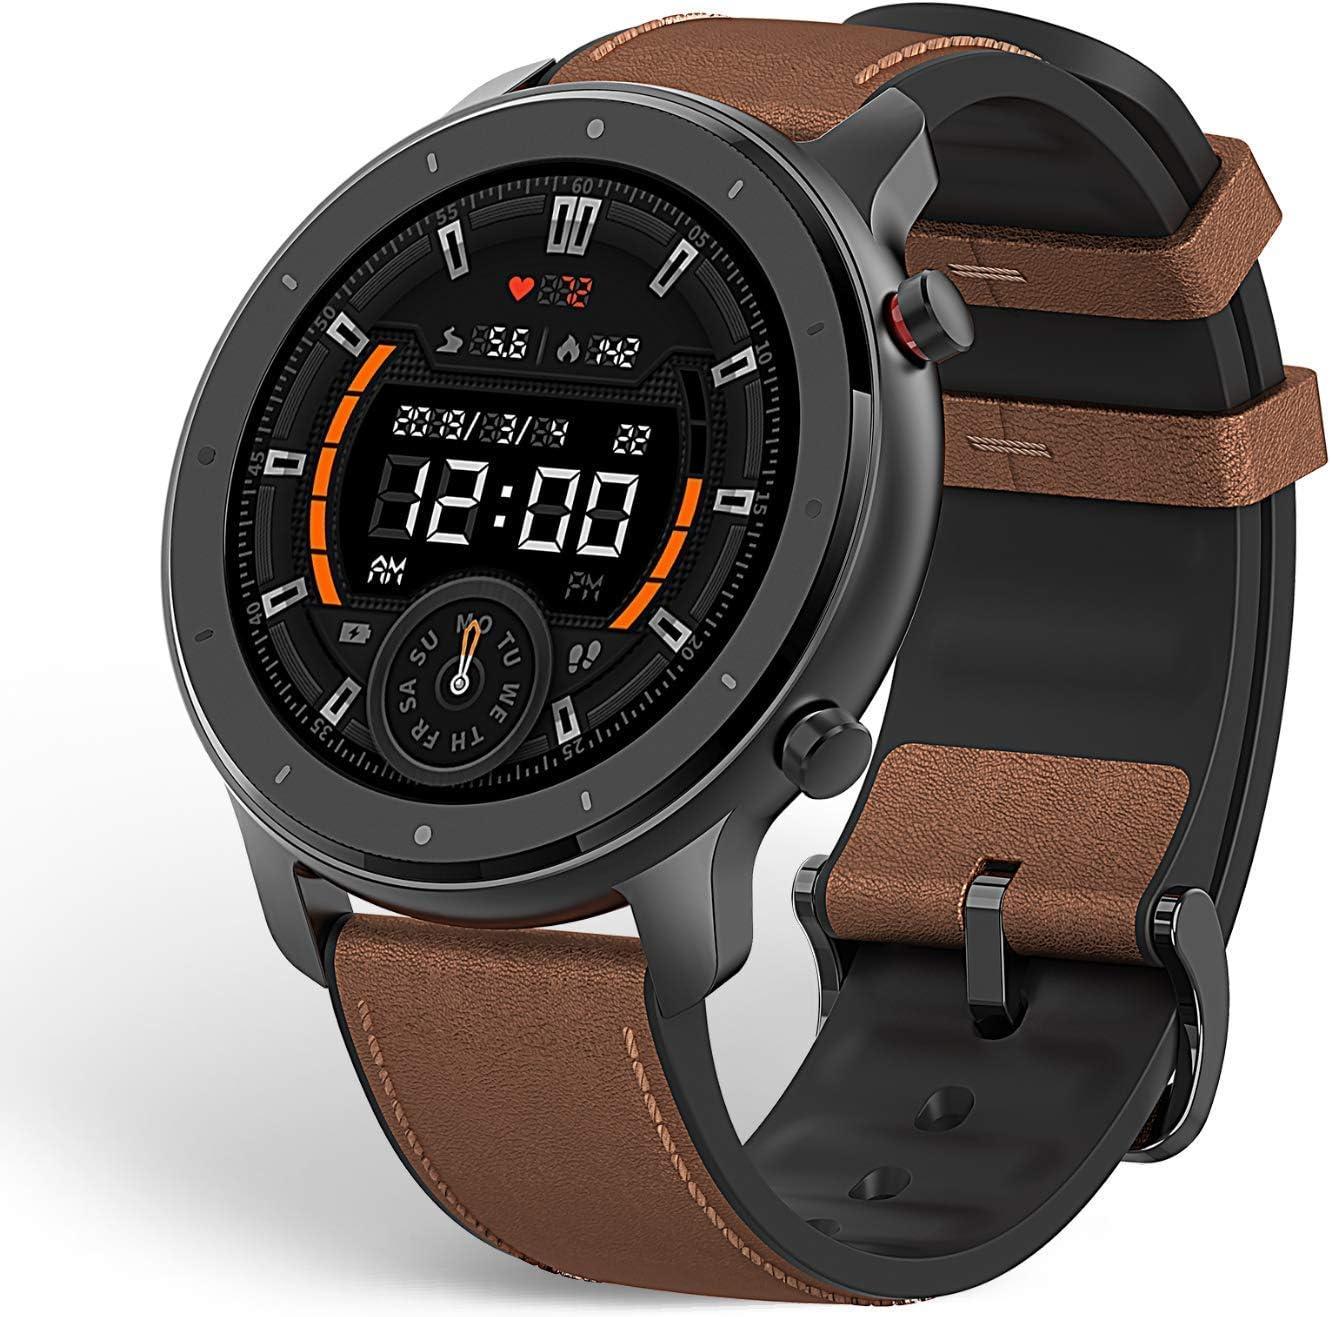 Amazfit GTR Reloj Smartwatch Deportivo   20 días de batería   AMOLED de 1.39